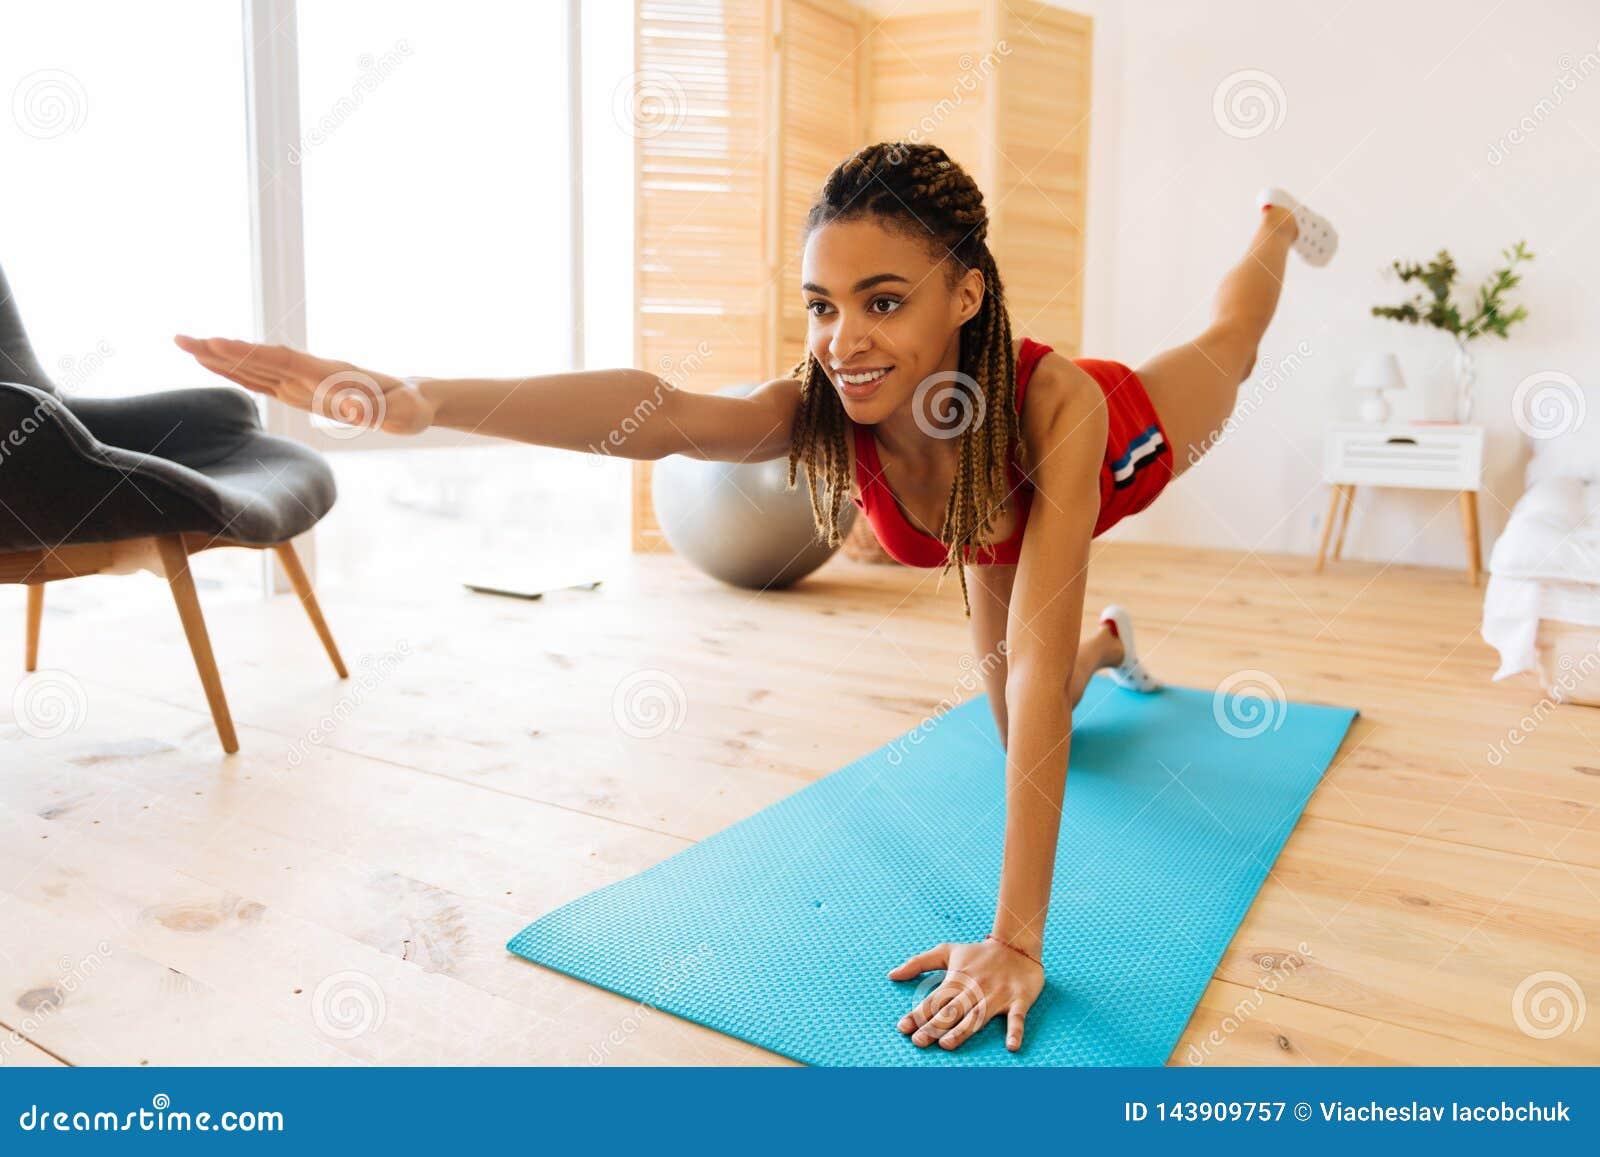 Vrolijk en geactiveerd vrouwengevoel terwijl thuis het doen van yoga